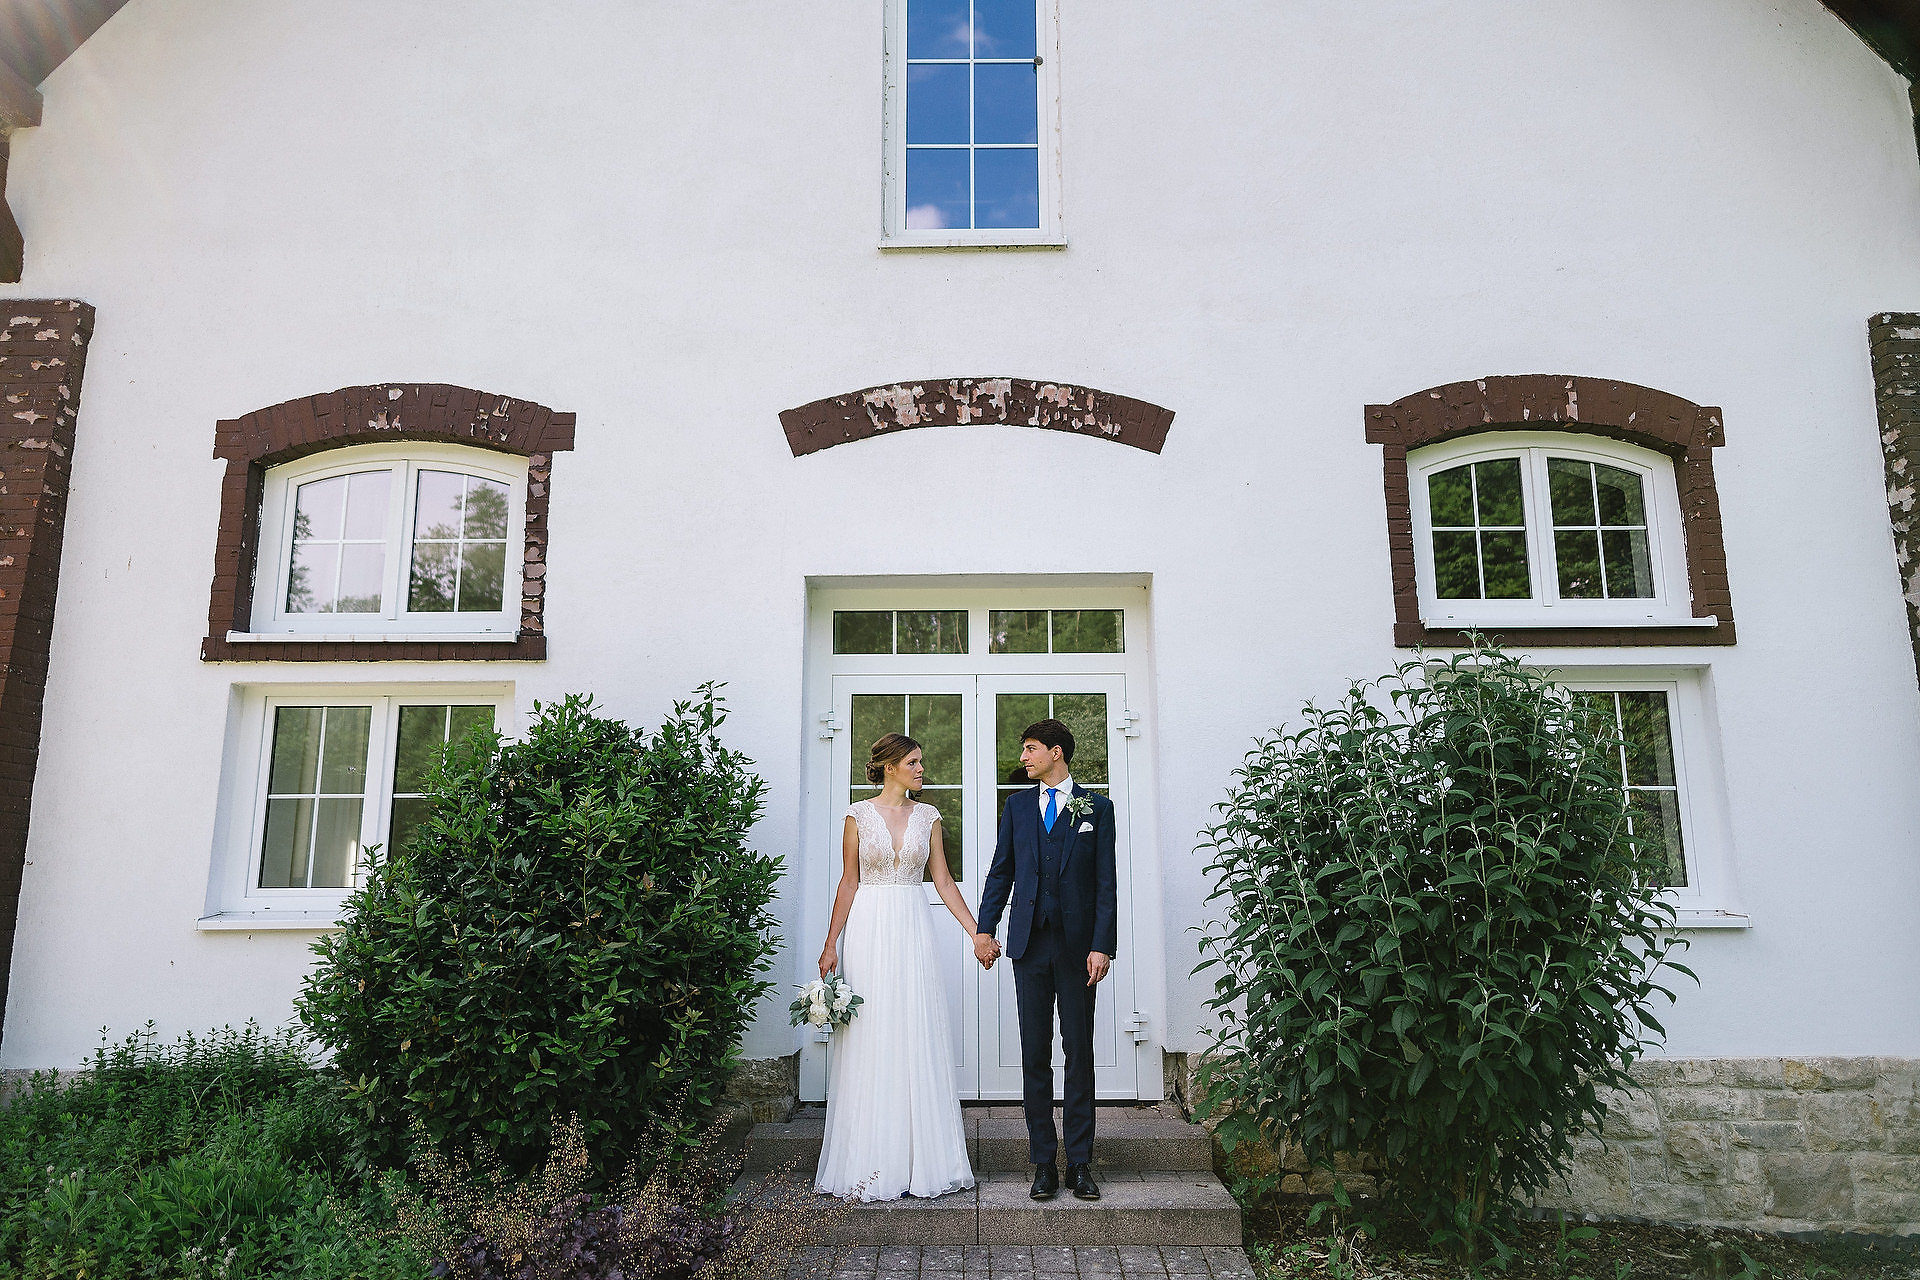 Fotograf Konstanz - Hochzeitsreportage Freiburg Hofgut Lilienhof Hochzeit Fotograf Konstanz 55 - Hochzeit in Freiburg und Hofgut Lilienhof  - 150 -